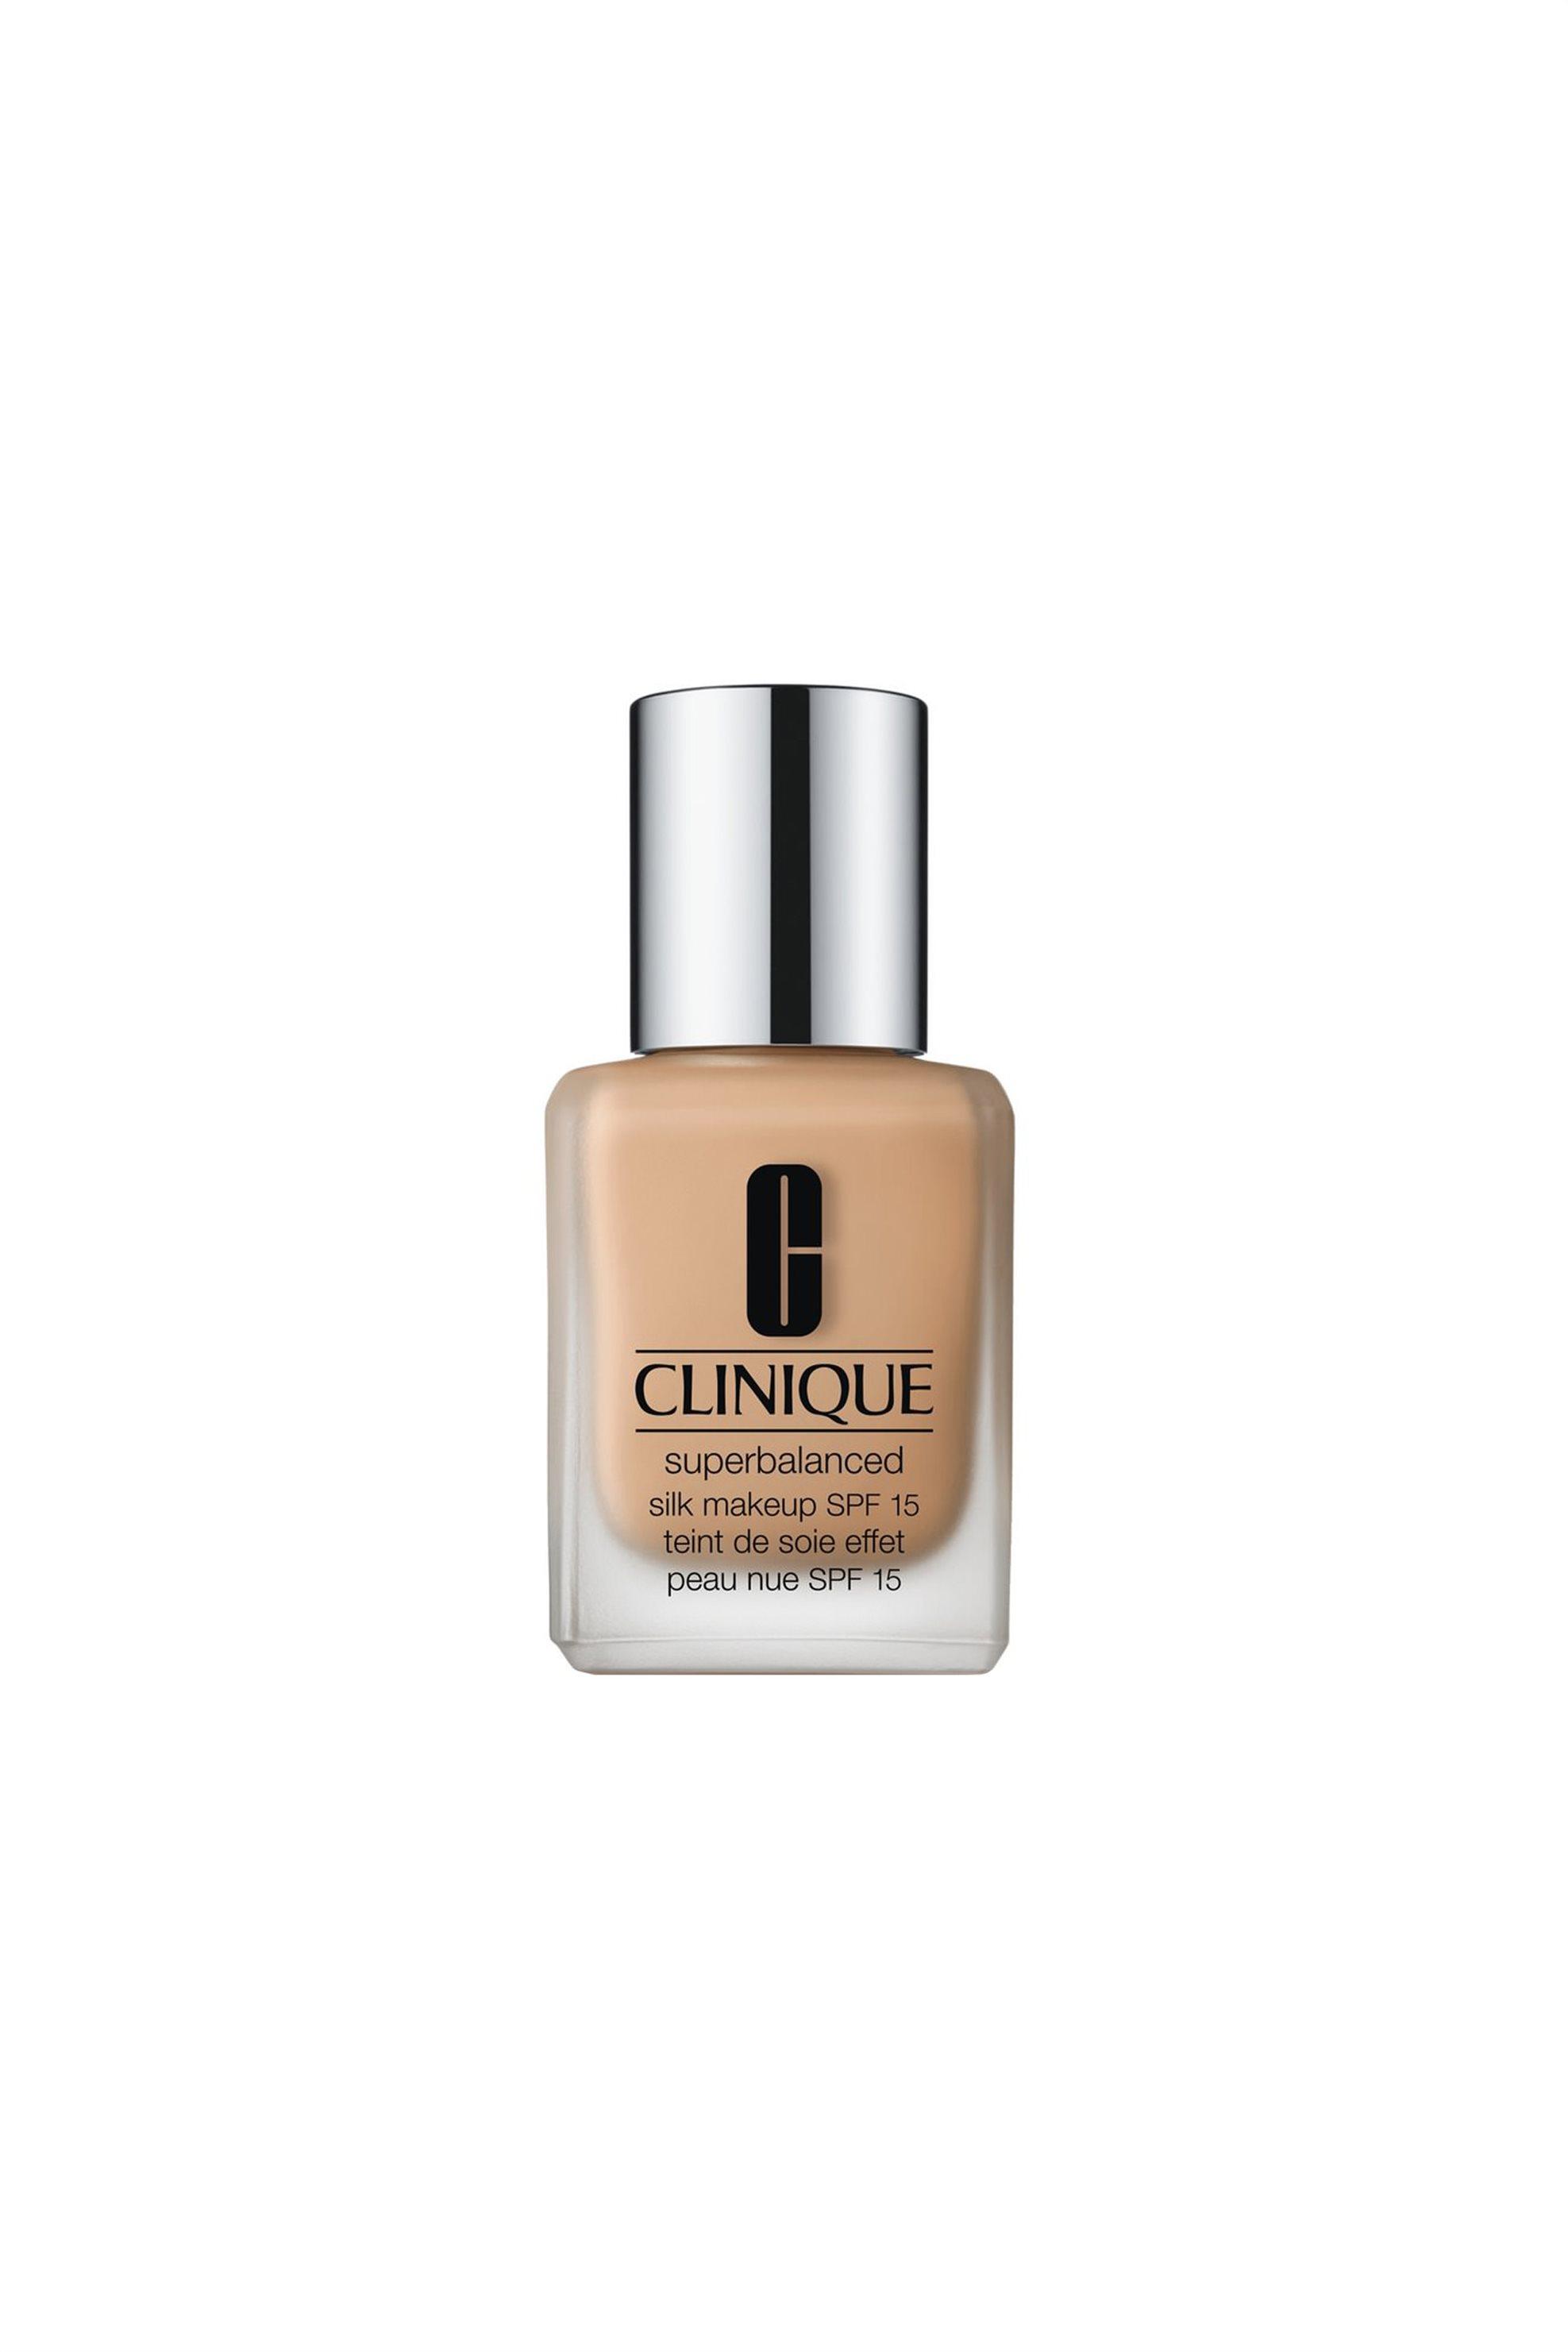 Clinique Superbalanced™ Makeup 01 Petal 30 ml - 60QH010000 ομορφια   καλλυντικα επιλεκτικησ   μακιγιάζ   πρόσωπο   make ups   foundations